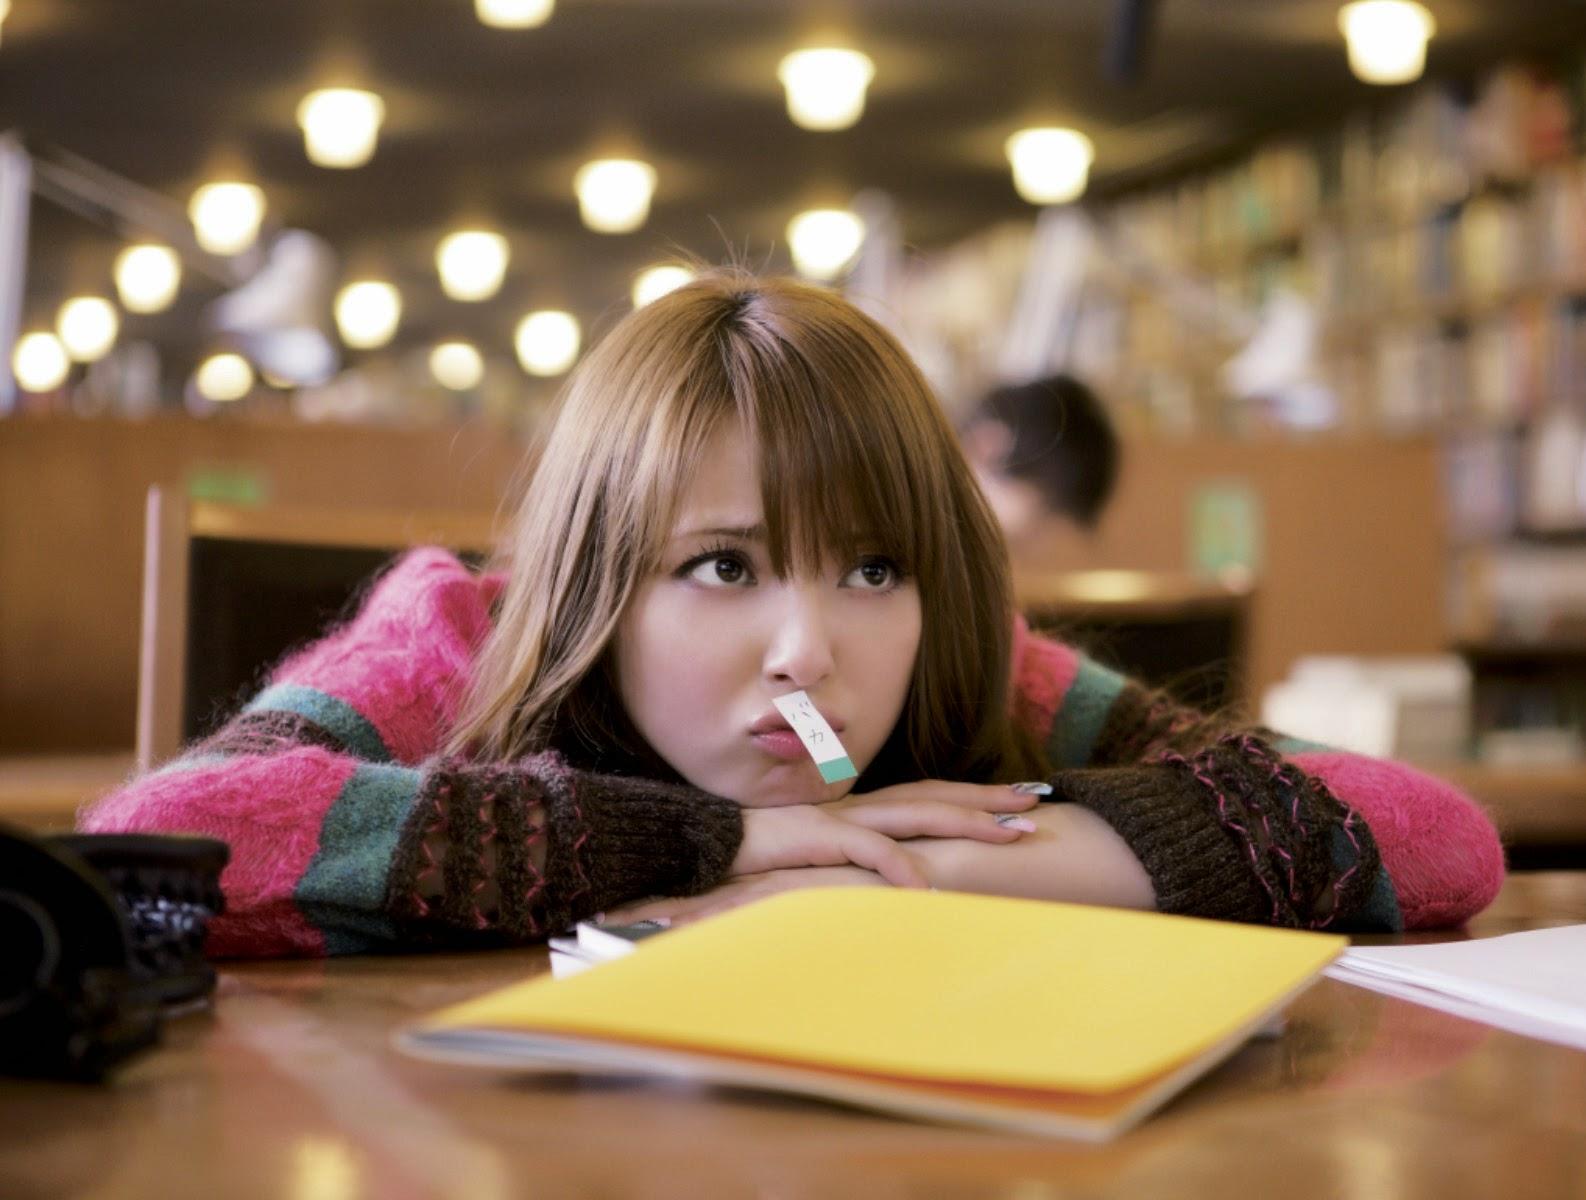 Tingkah Lucu Nozomi Sasaki dalam My Rainy Days